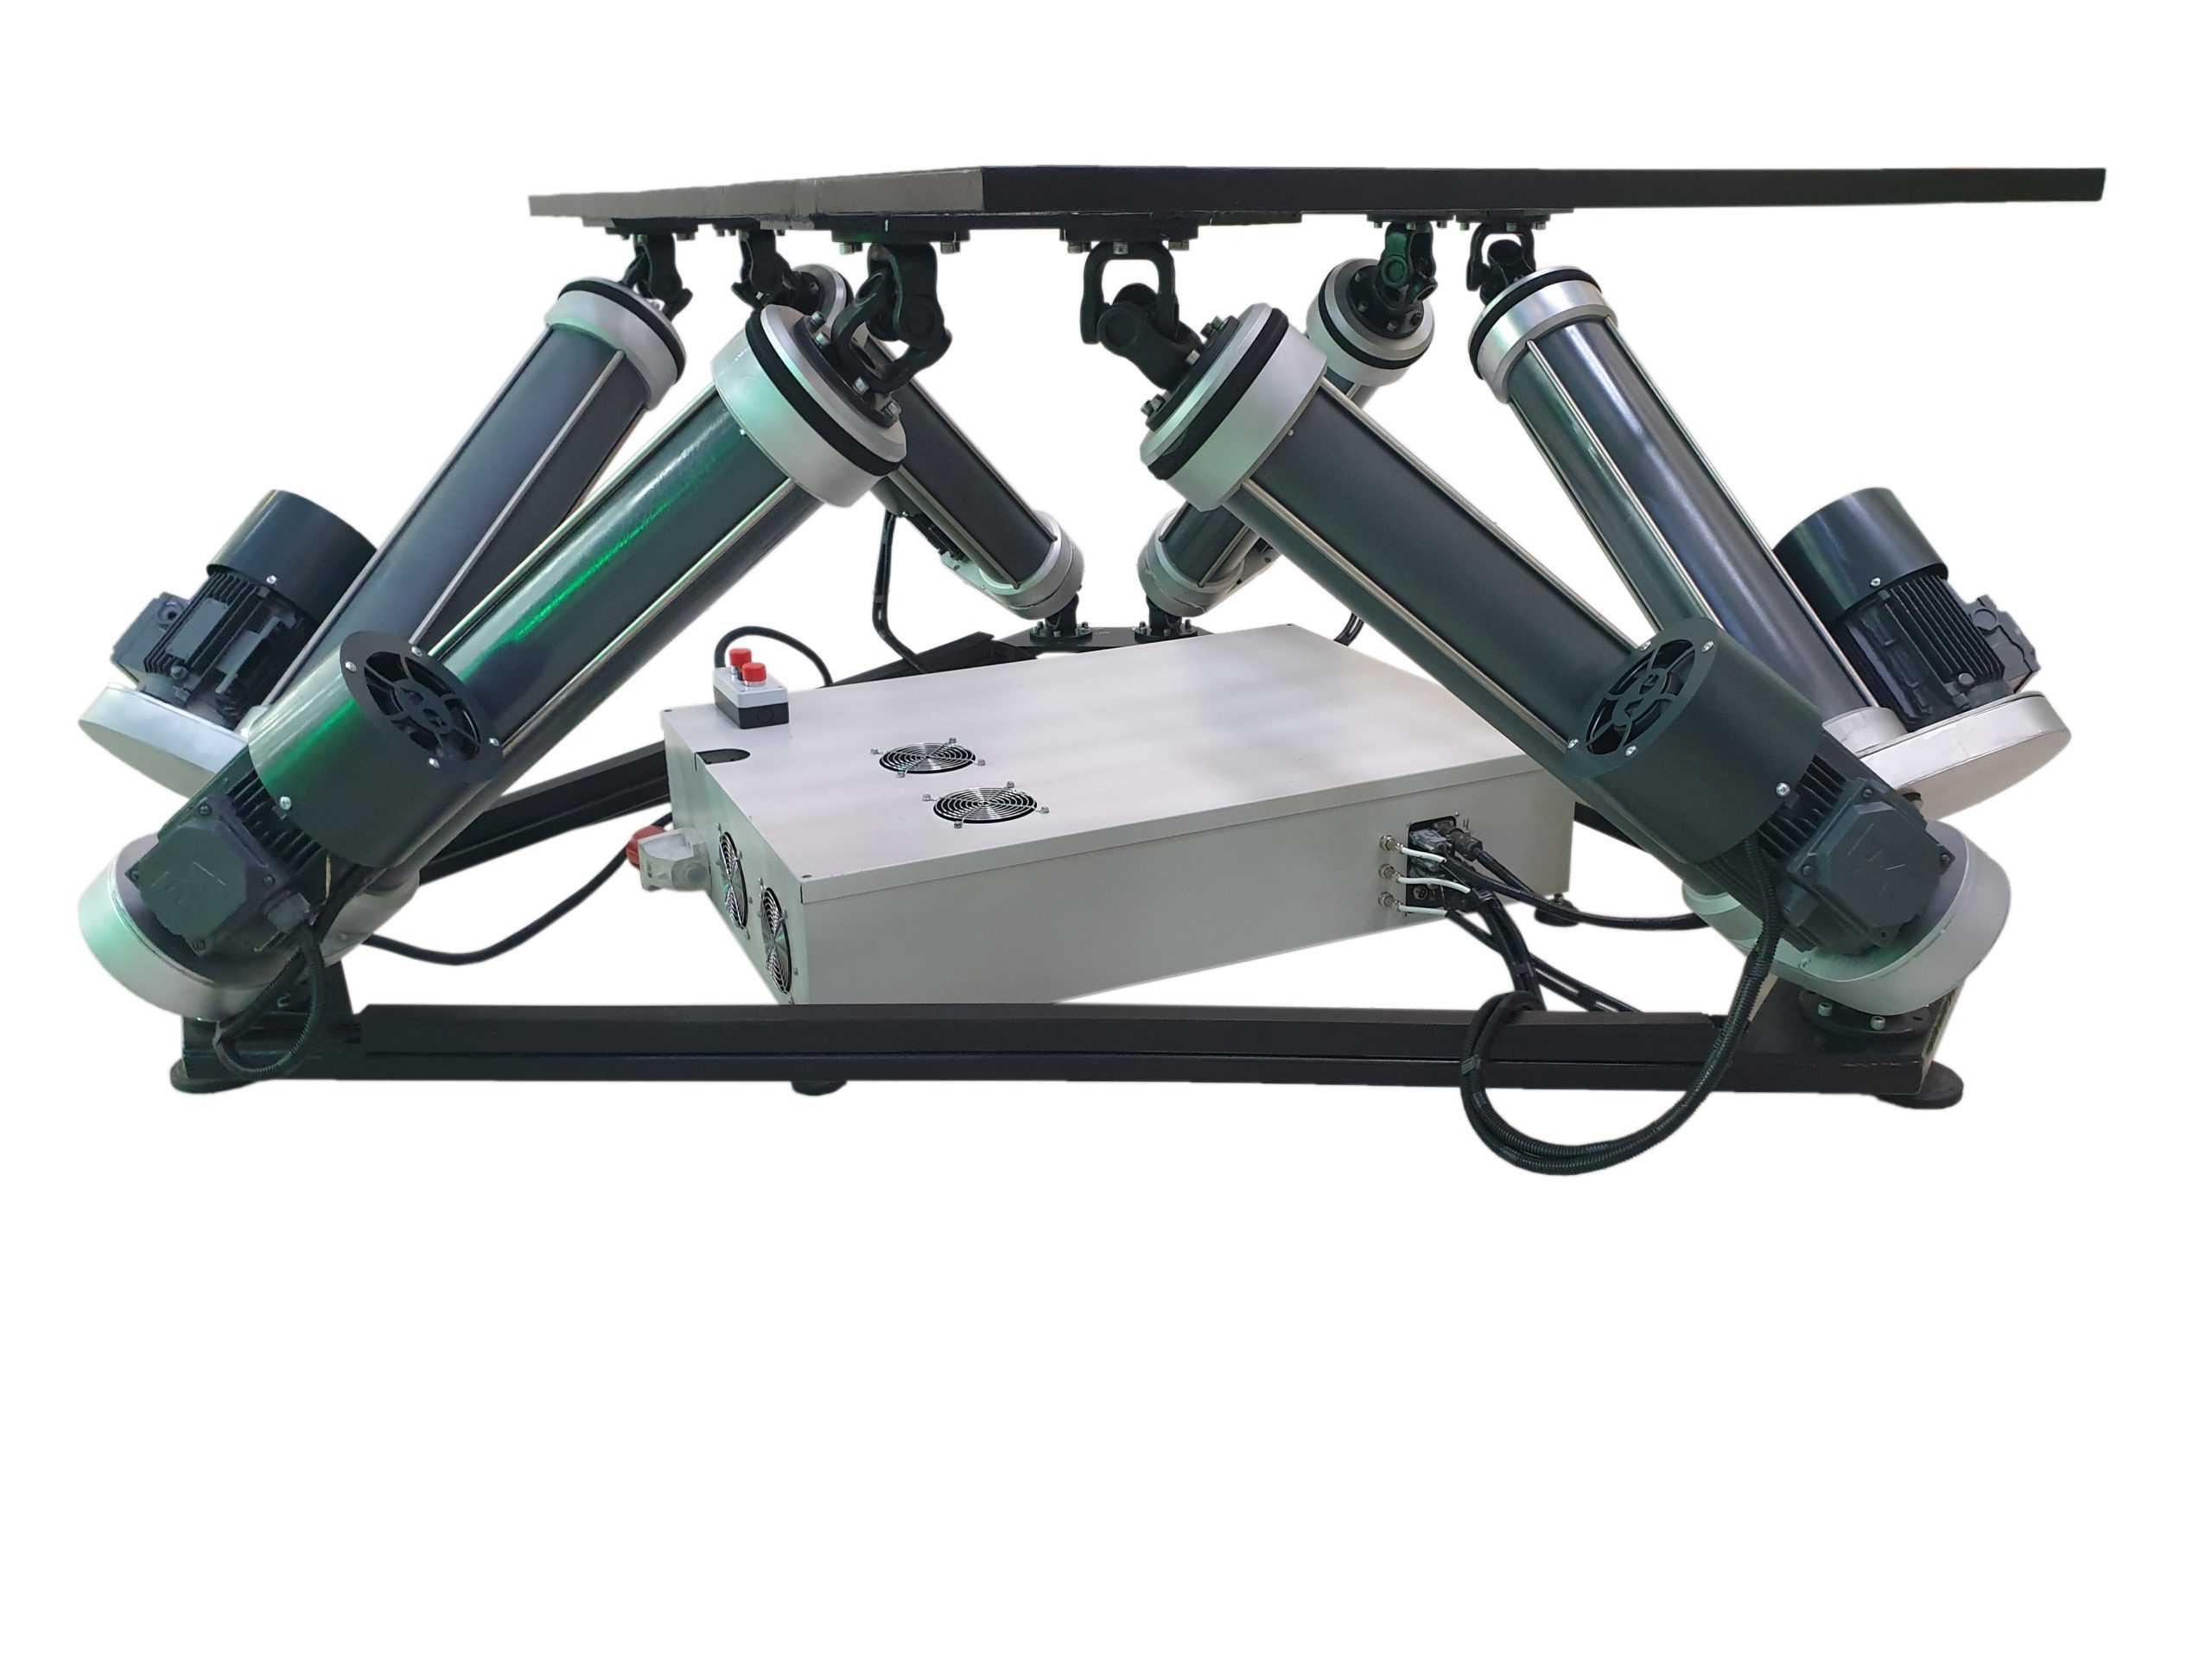 6Dof_2 Full motion simulator 2dof, 3dof,4dof,6dof motion platform